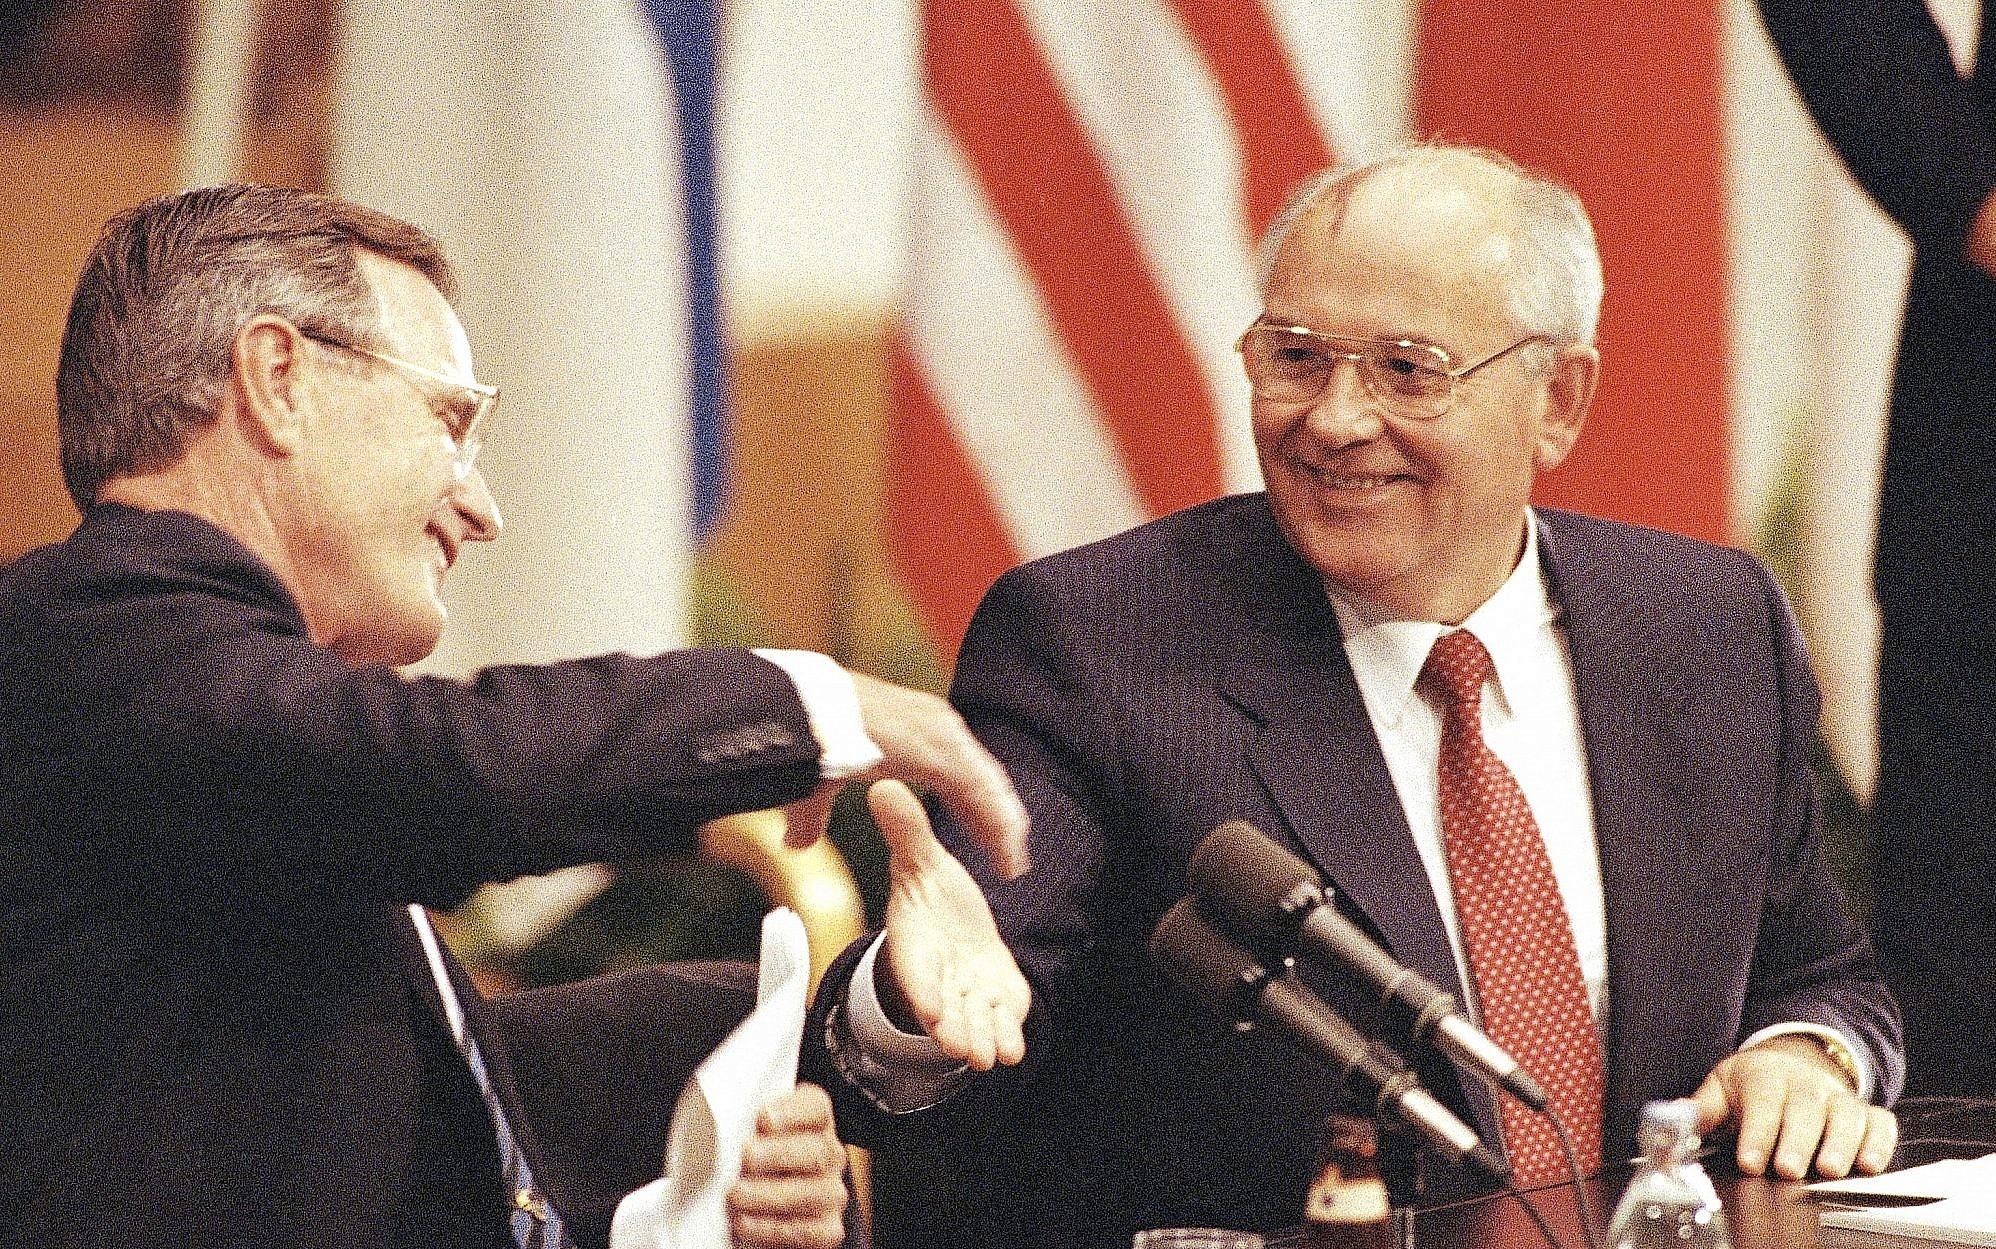 Toàn văn nội dung ghi âm tố cáo Mikhail Gorbachev là kẻ phản quốc